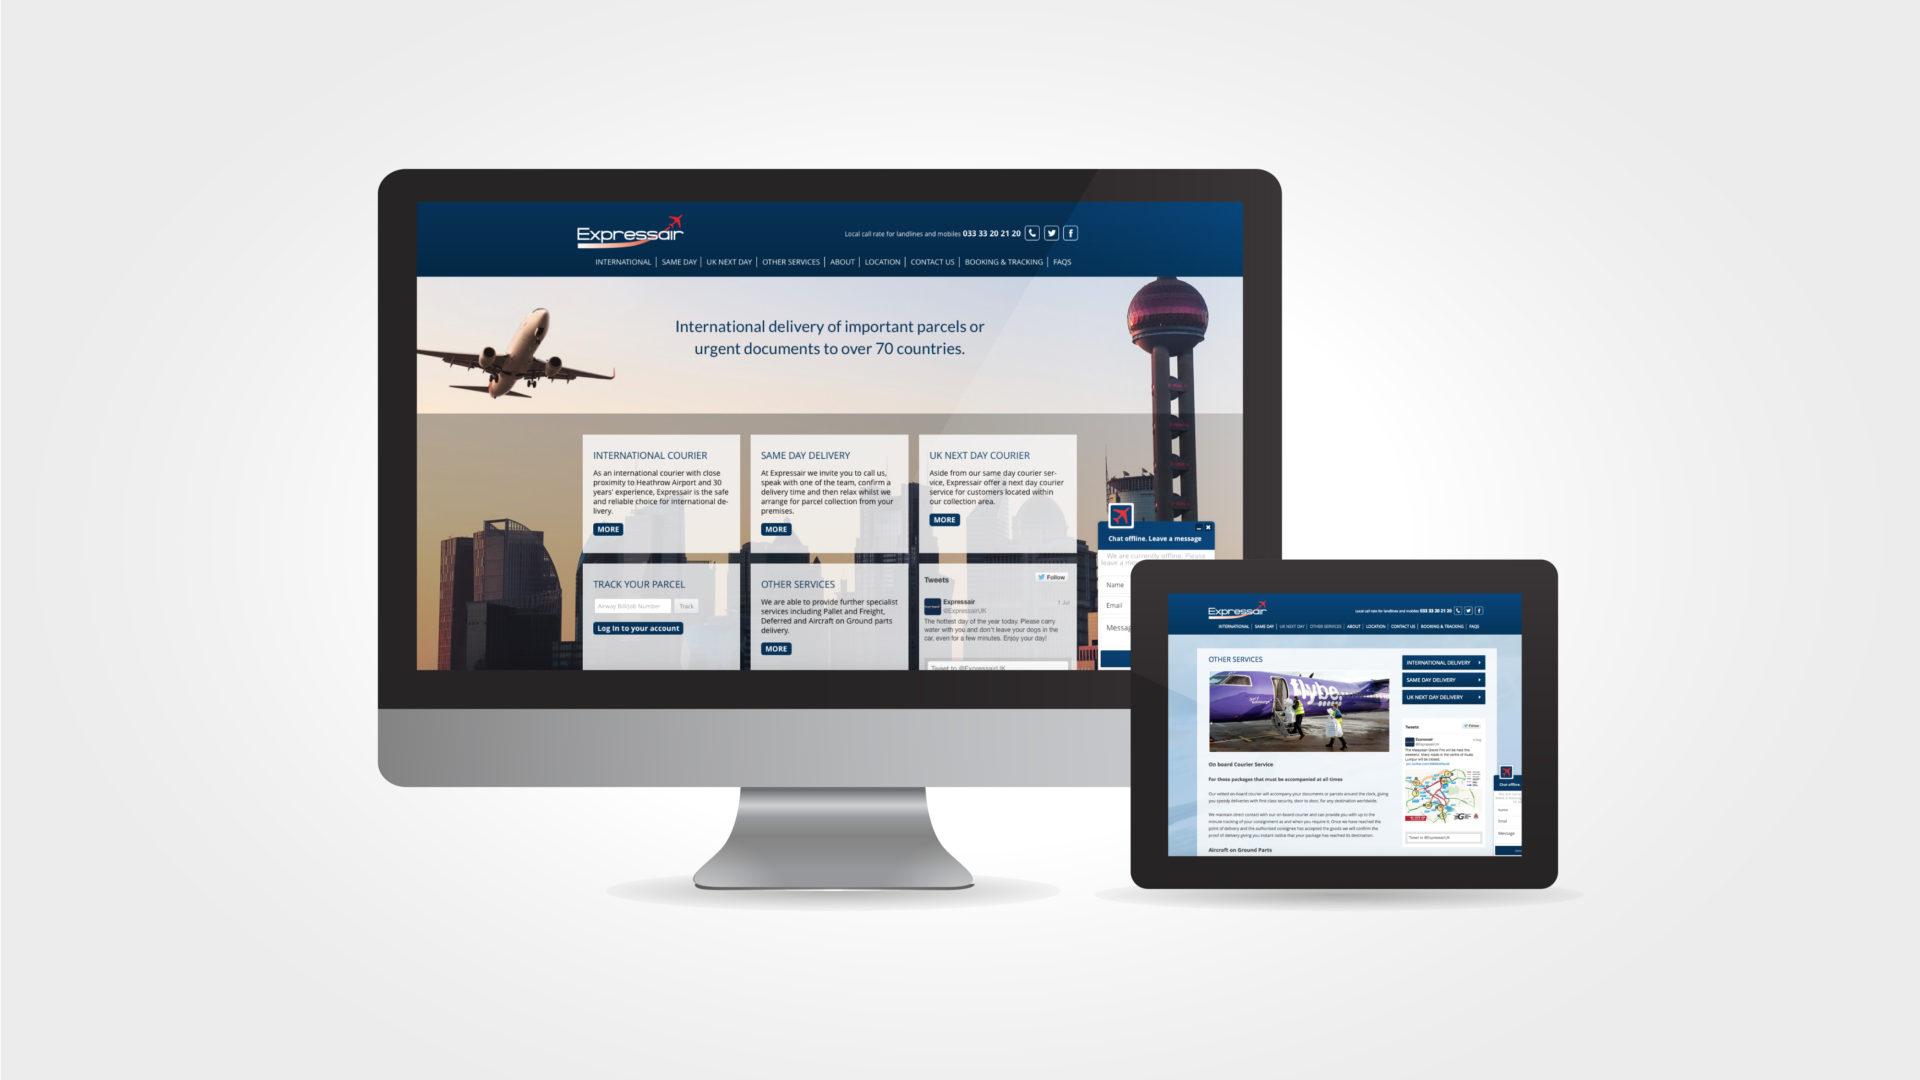 expressair website design